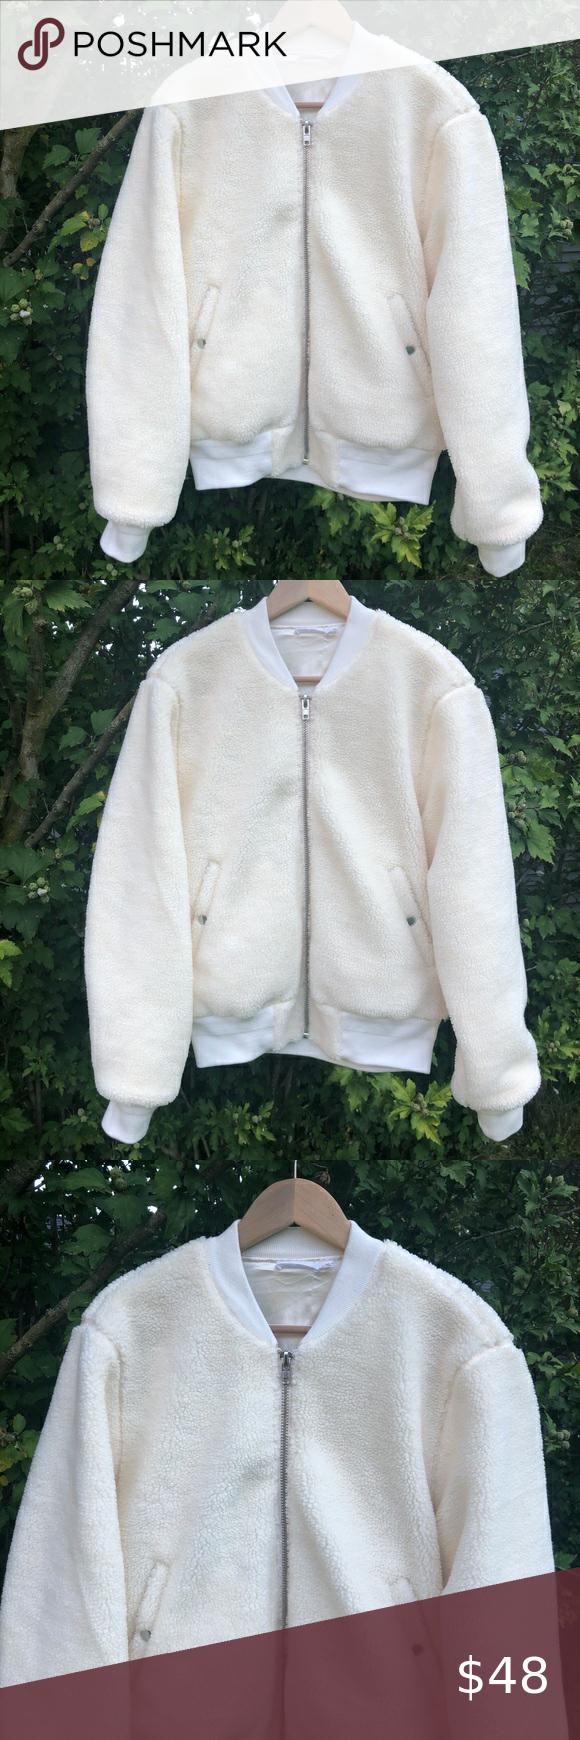 Skylar Madison Cream Sherpa Bomber Jacket Skylar Madison Cream Color Sherpa Bomber Jacket In A Women S Size M Bomber Jacket Jackets For Women Jackets [ 1740 x 580 Pixel ]